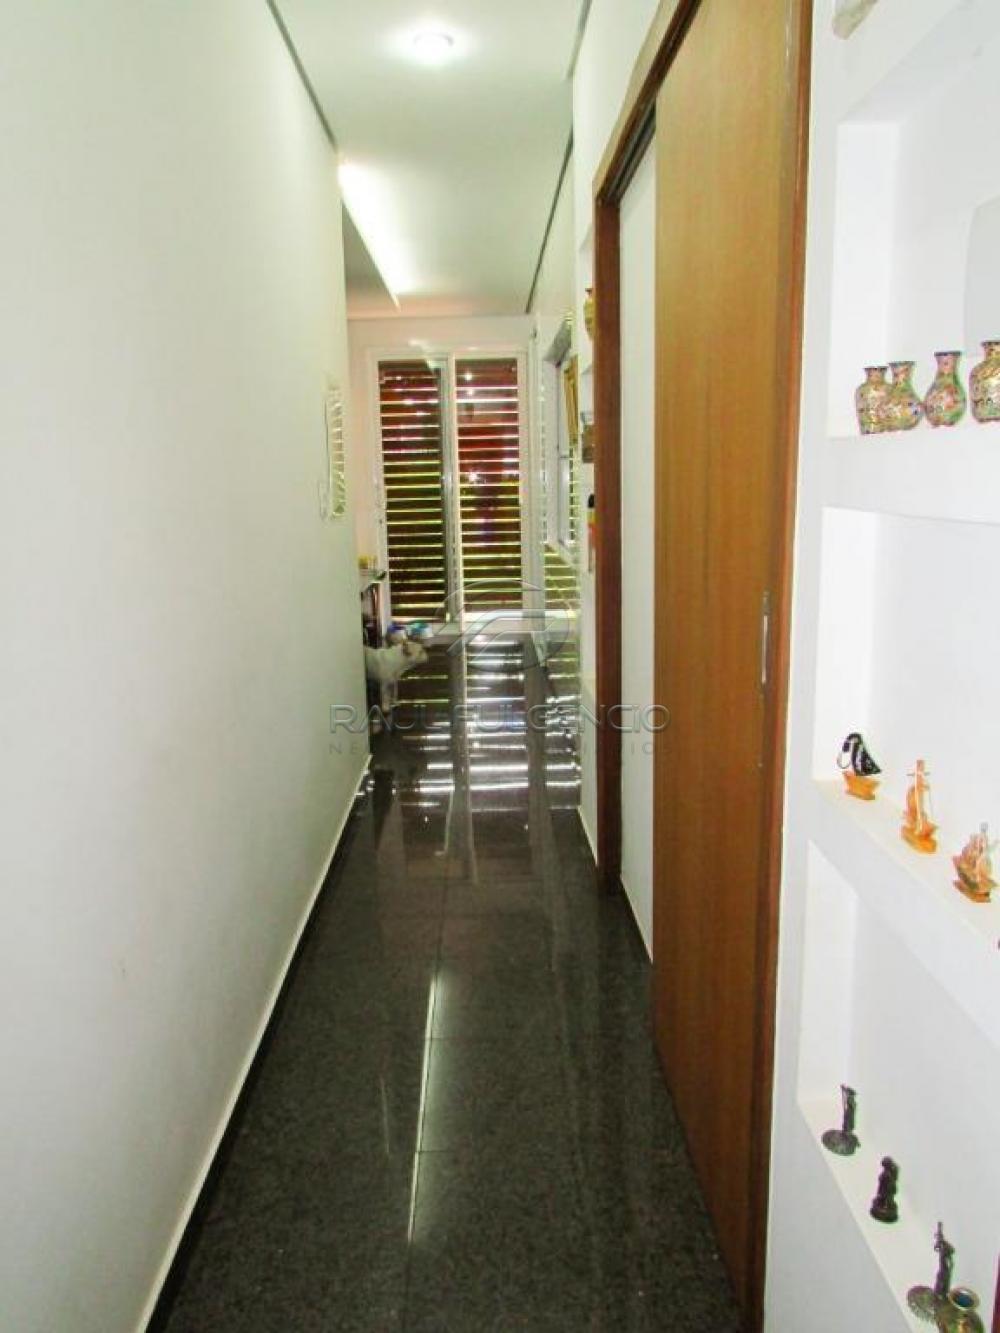 Comprar Casa / Térrea em Londrina apenas R$ 1.250.000,00 - Foto 10